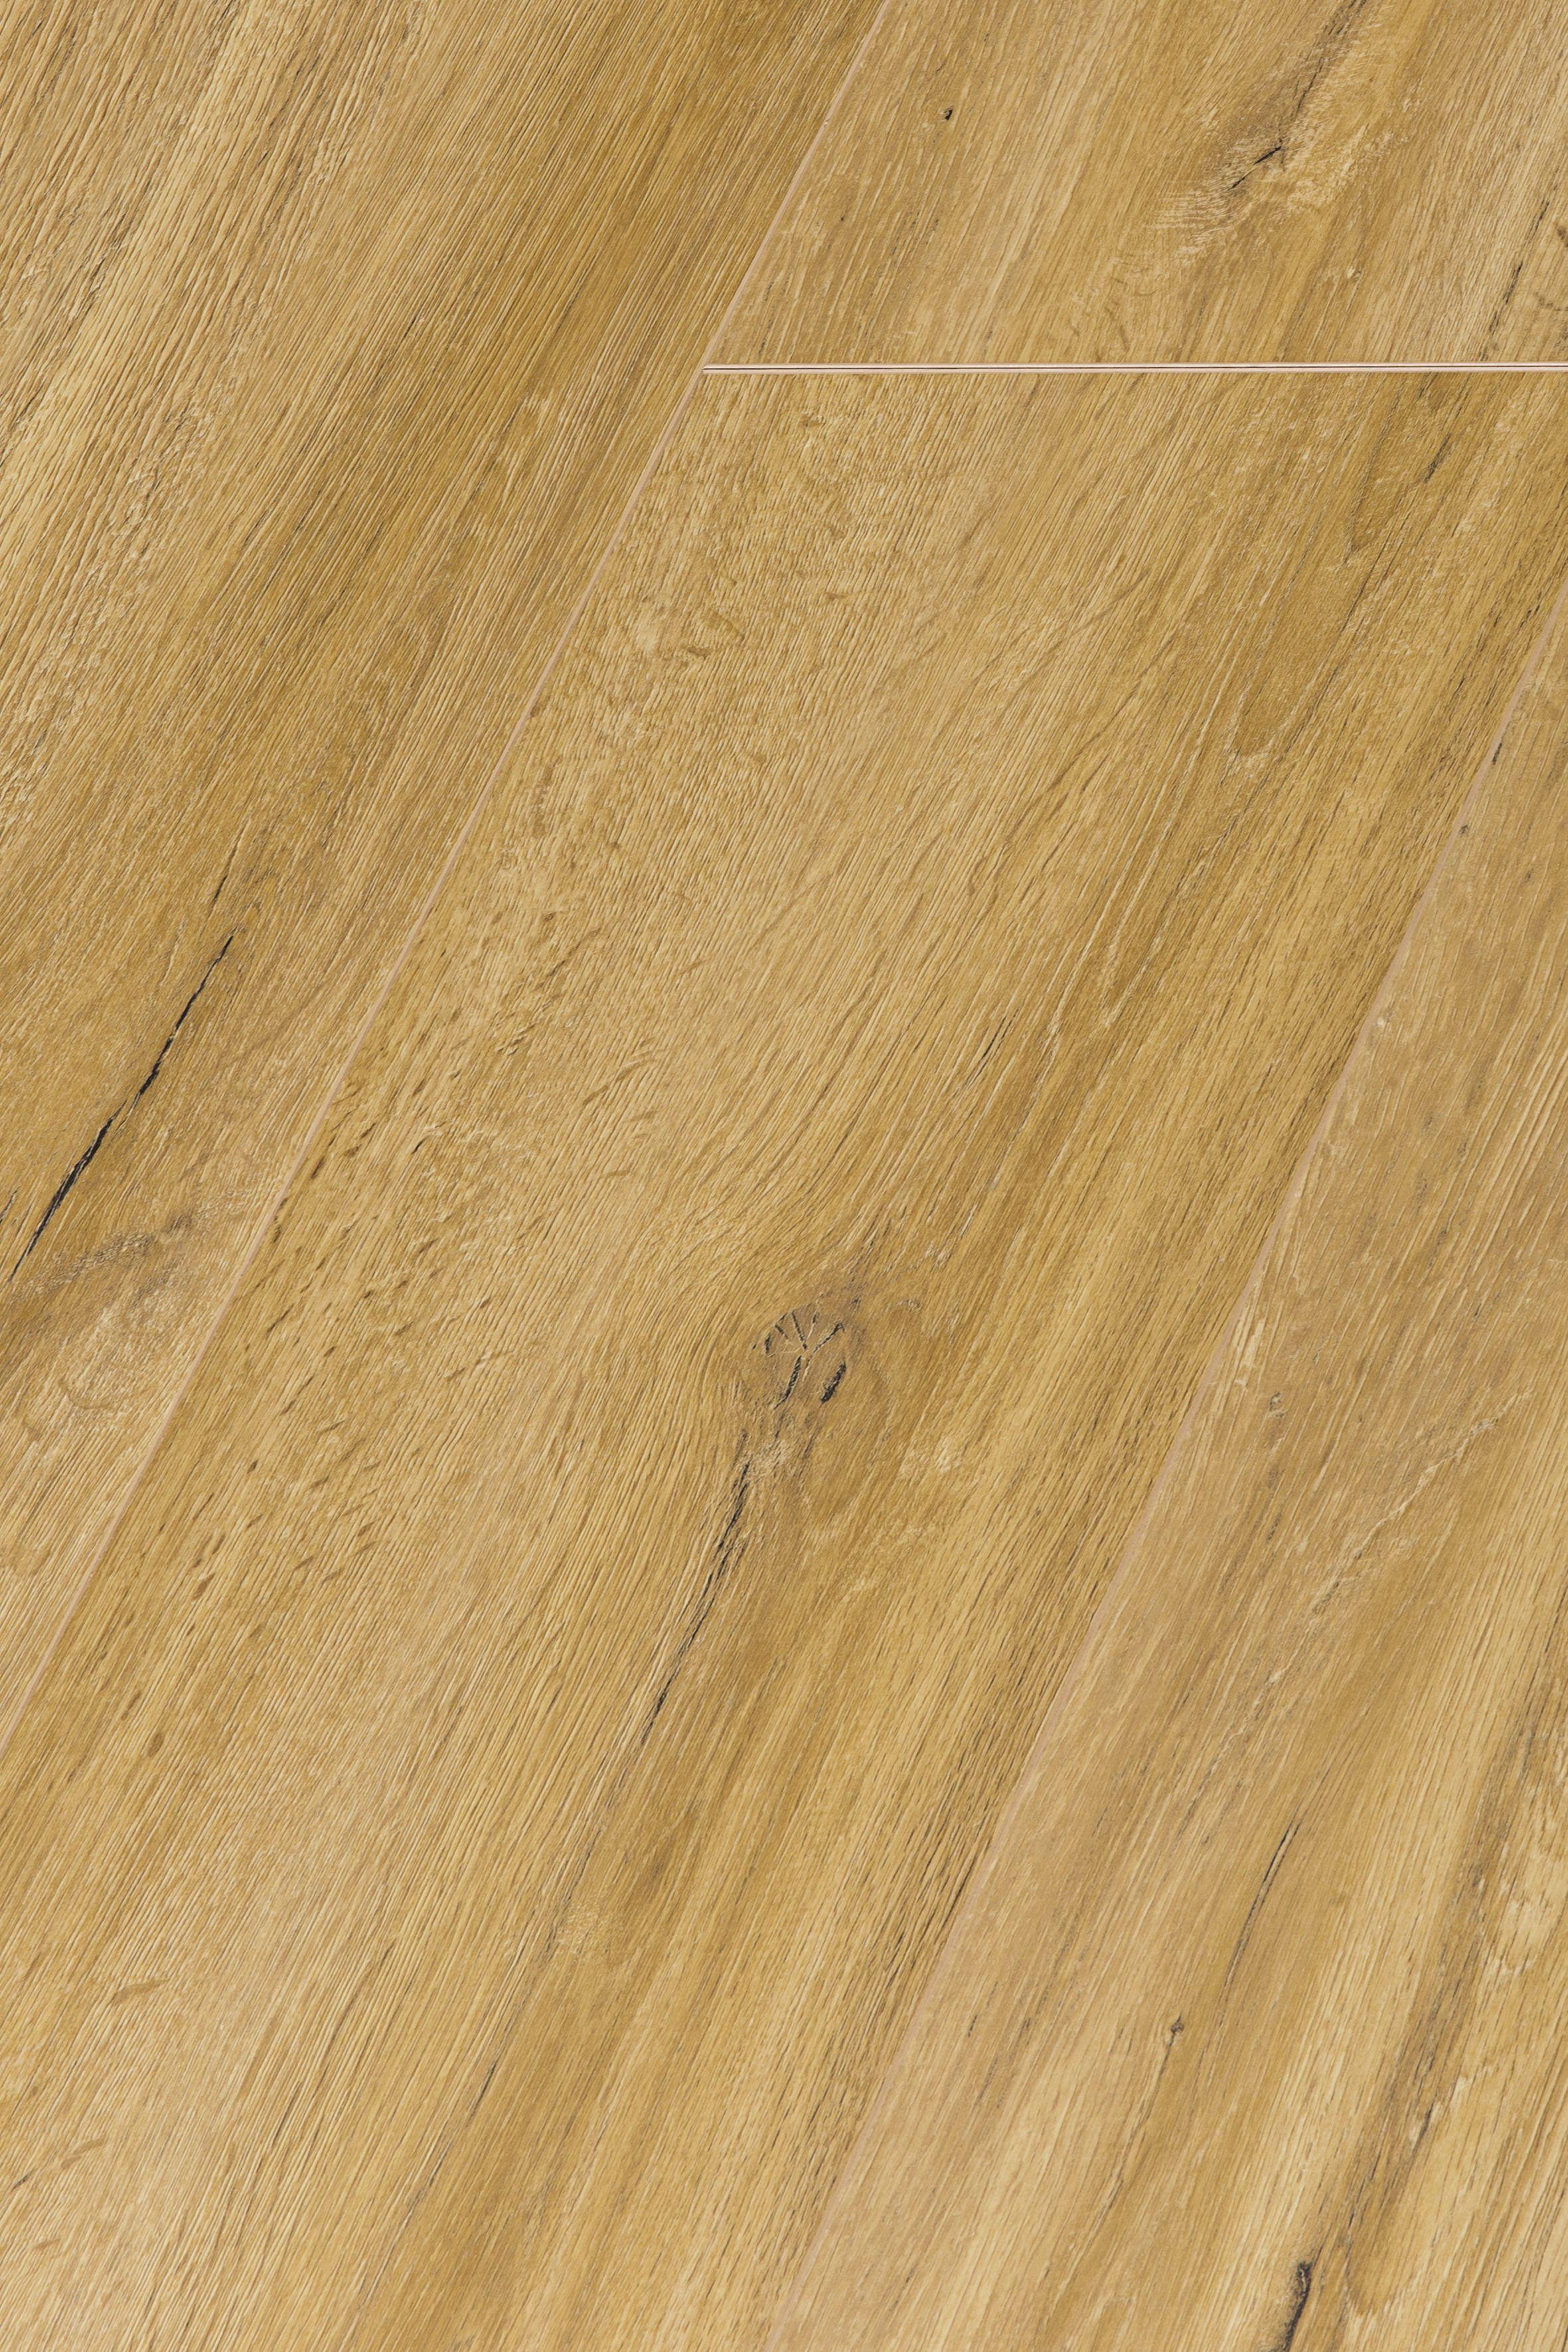 15.038 vinylboden eiche natur langdiele | vinylböden | pinterest